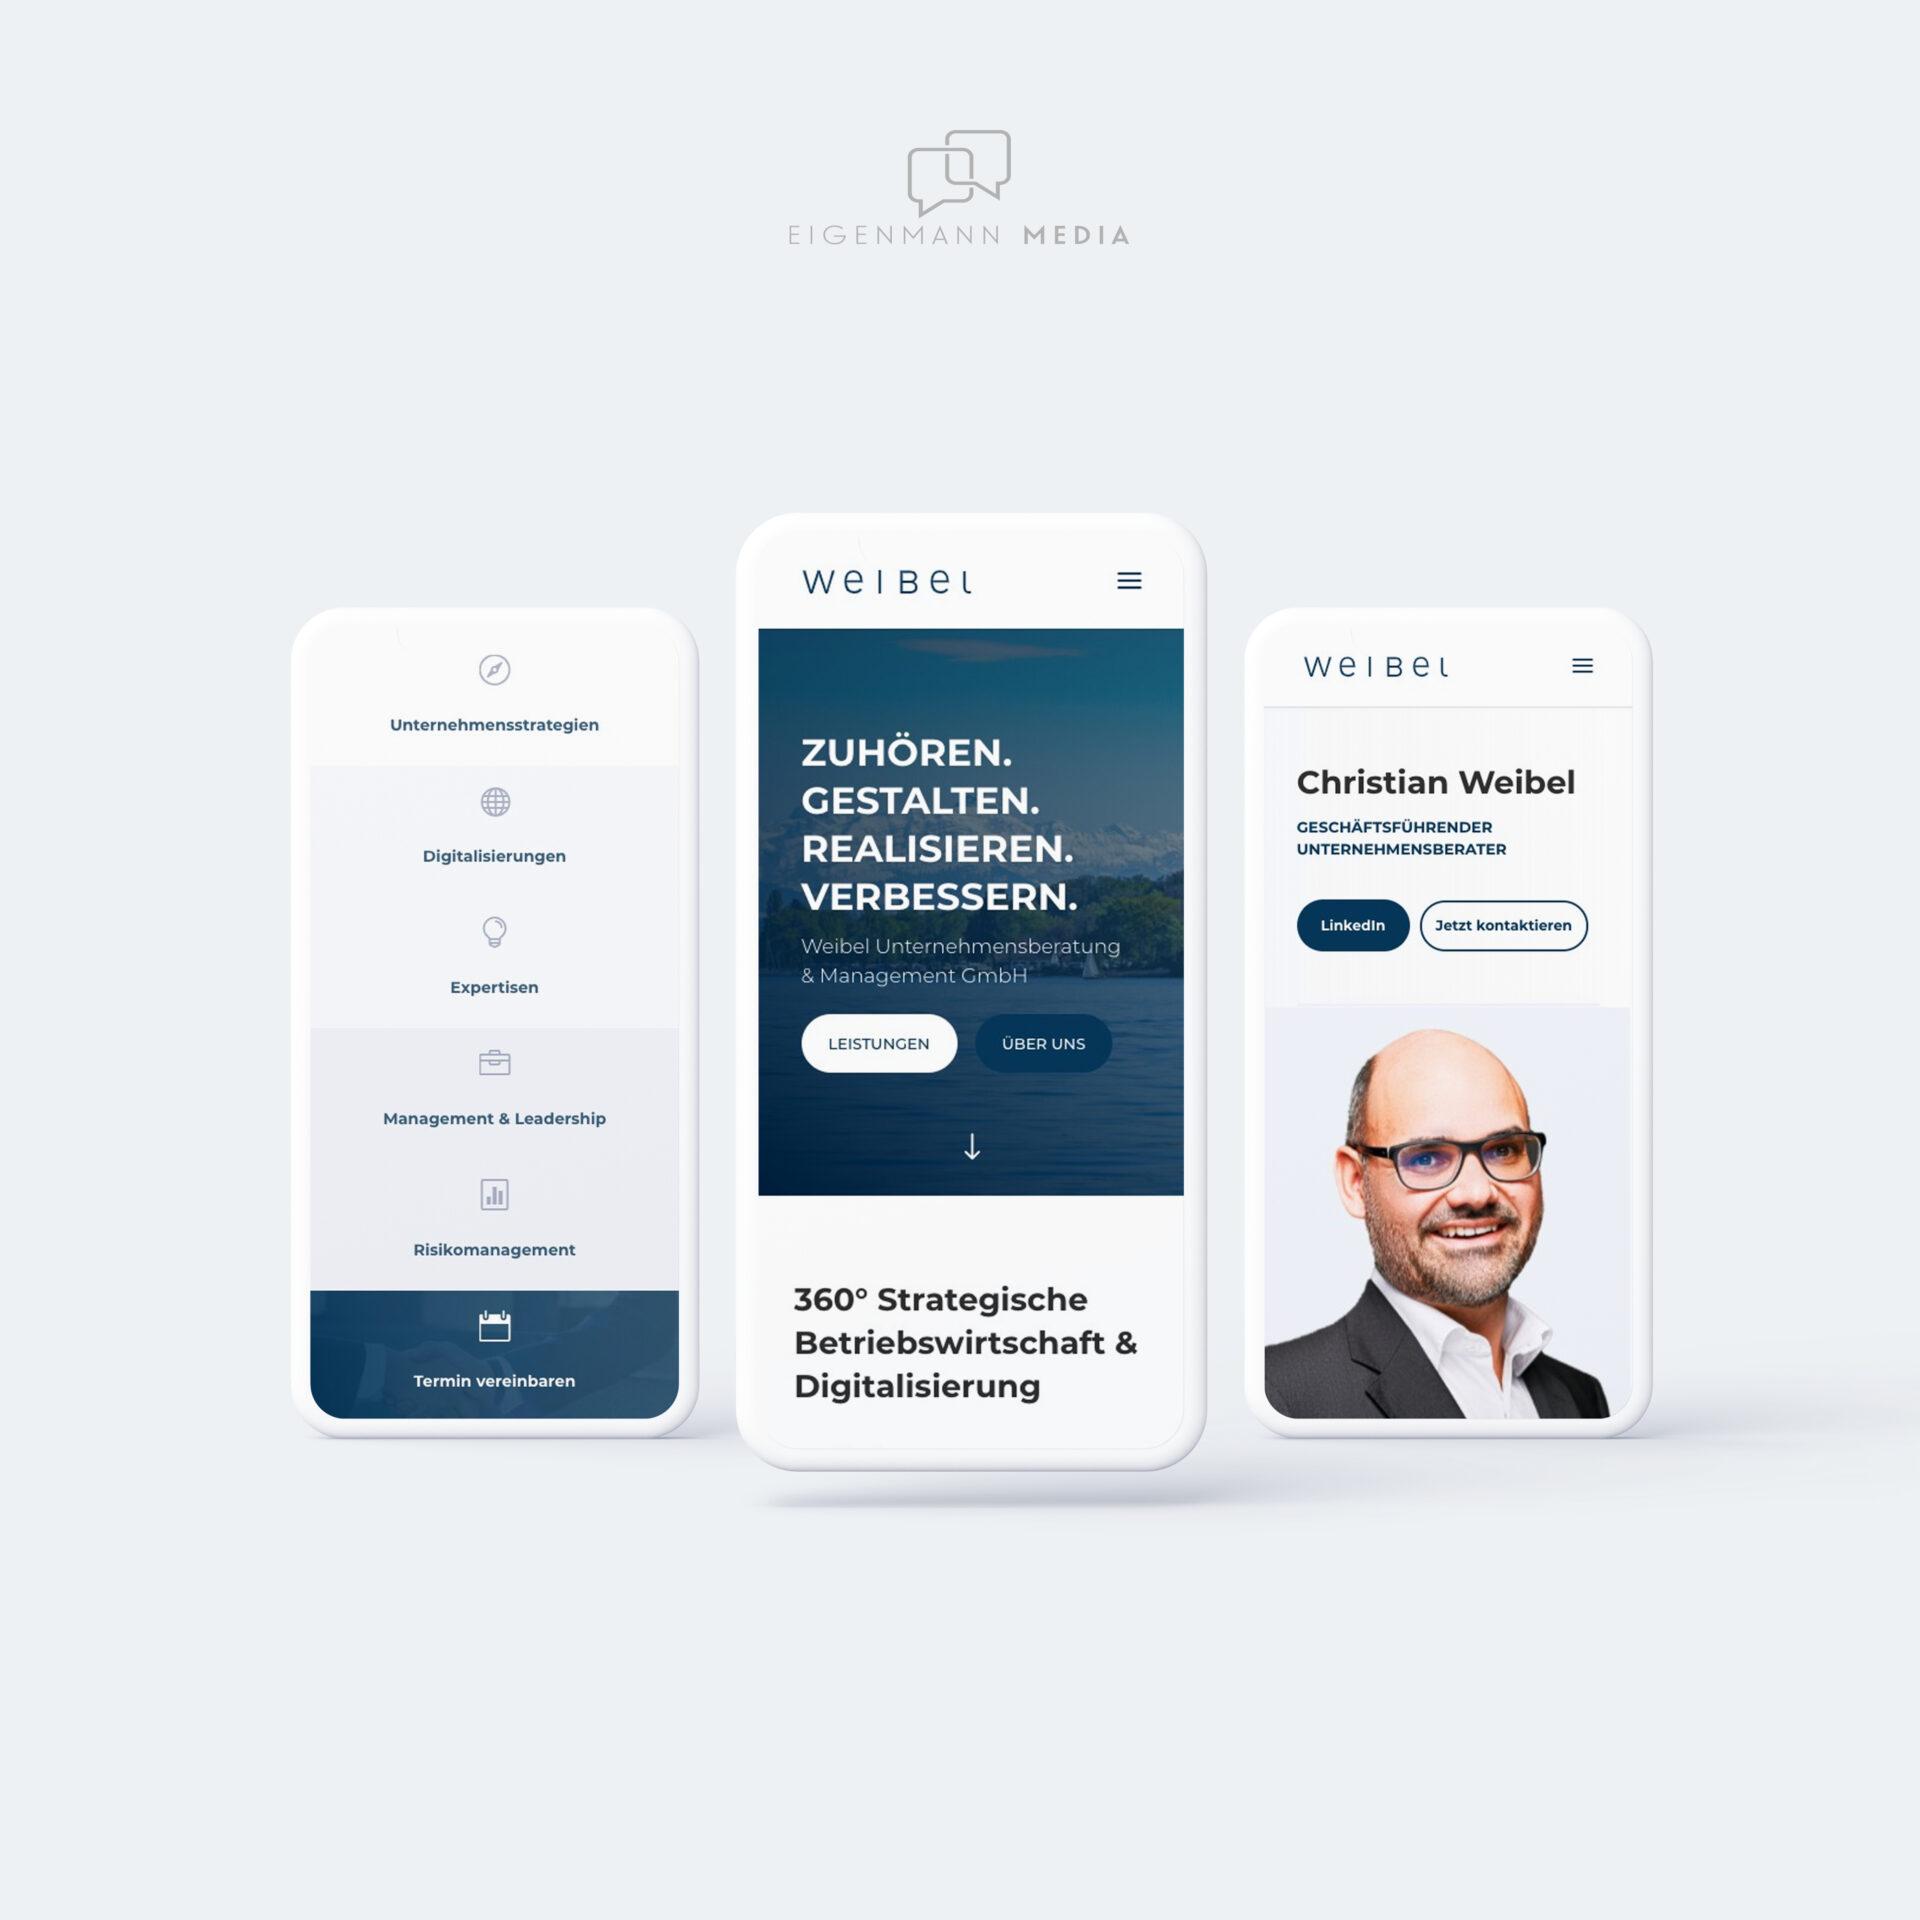 Weibel Unternehmensberatung & Management GmbH Webseite EIGENMANN MEDIA